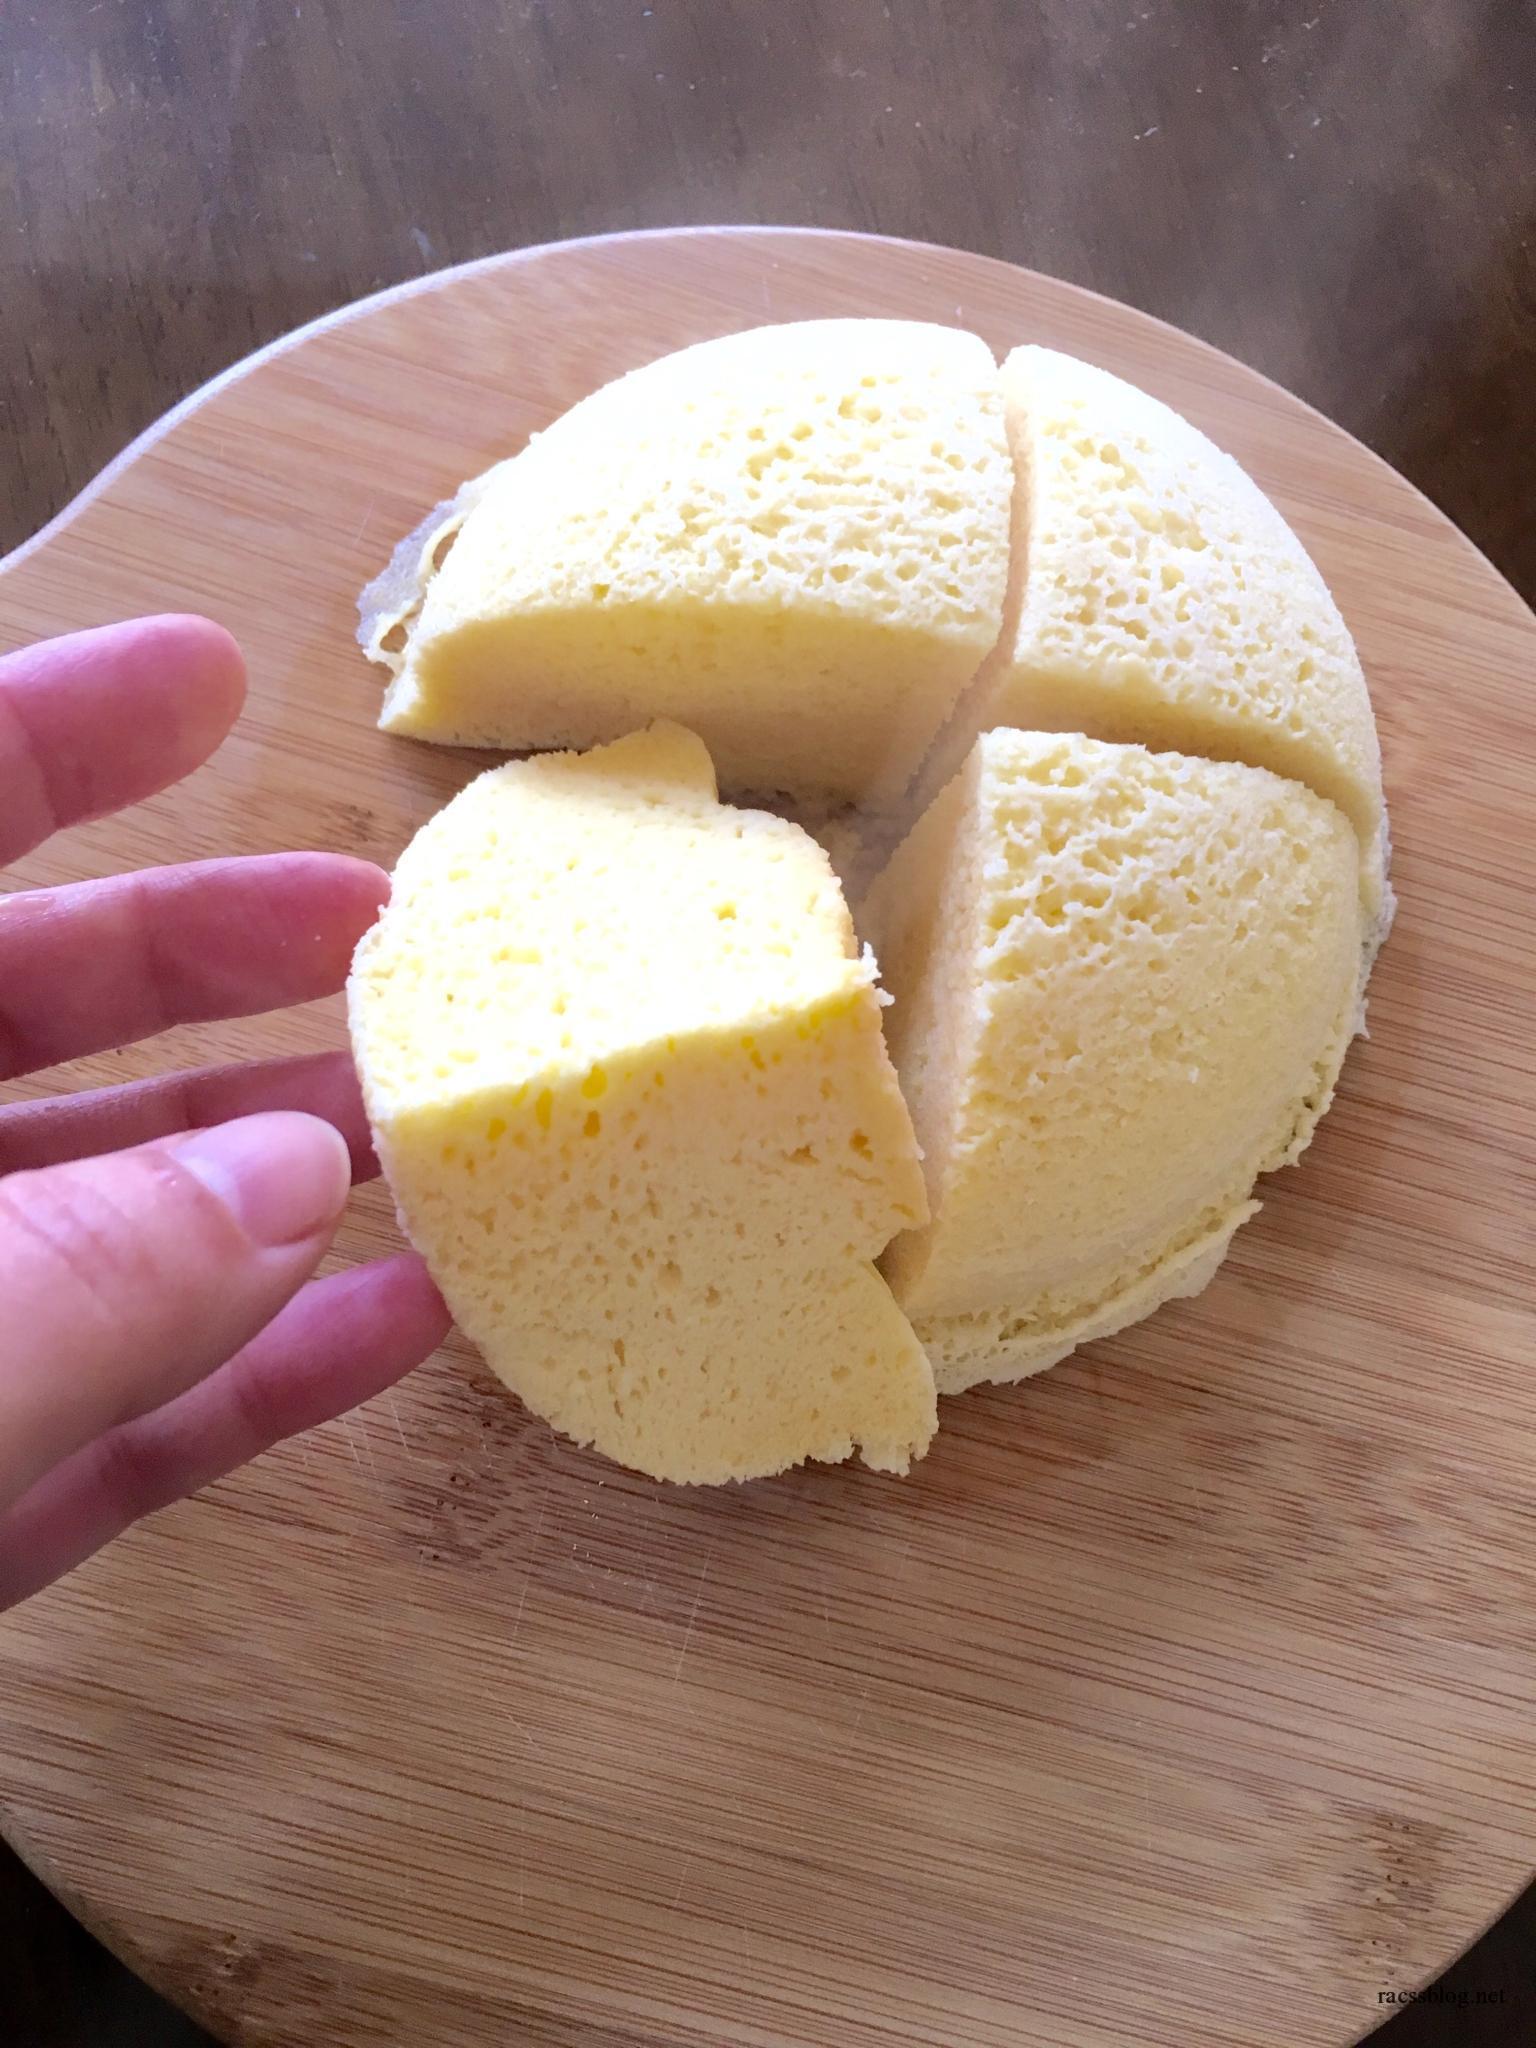 ドーム型のおから蒸しパン